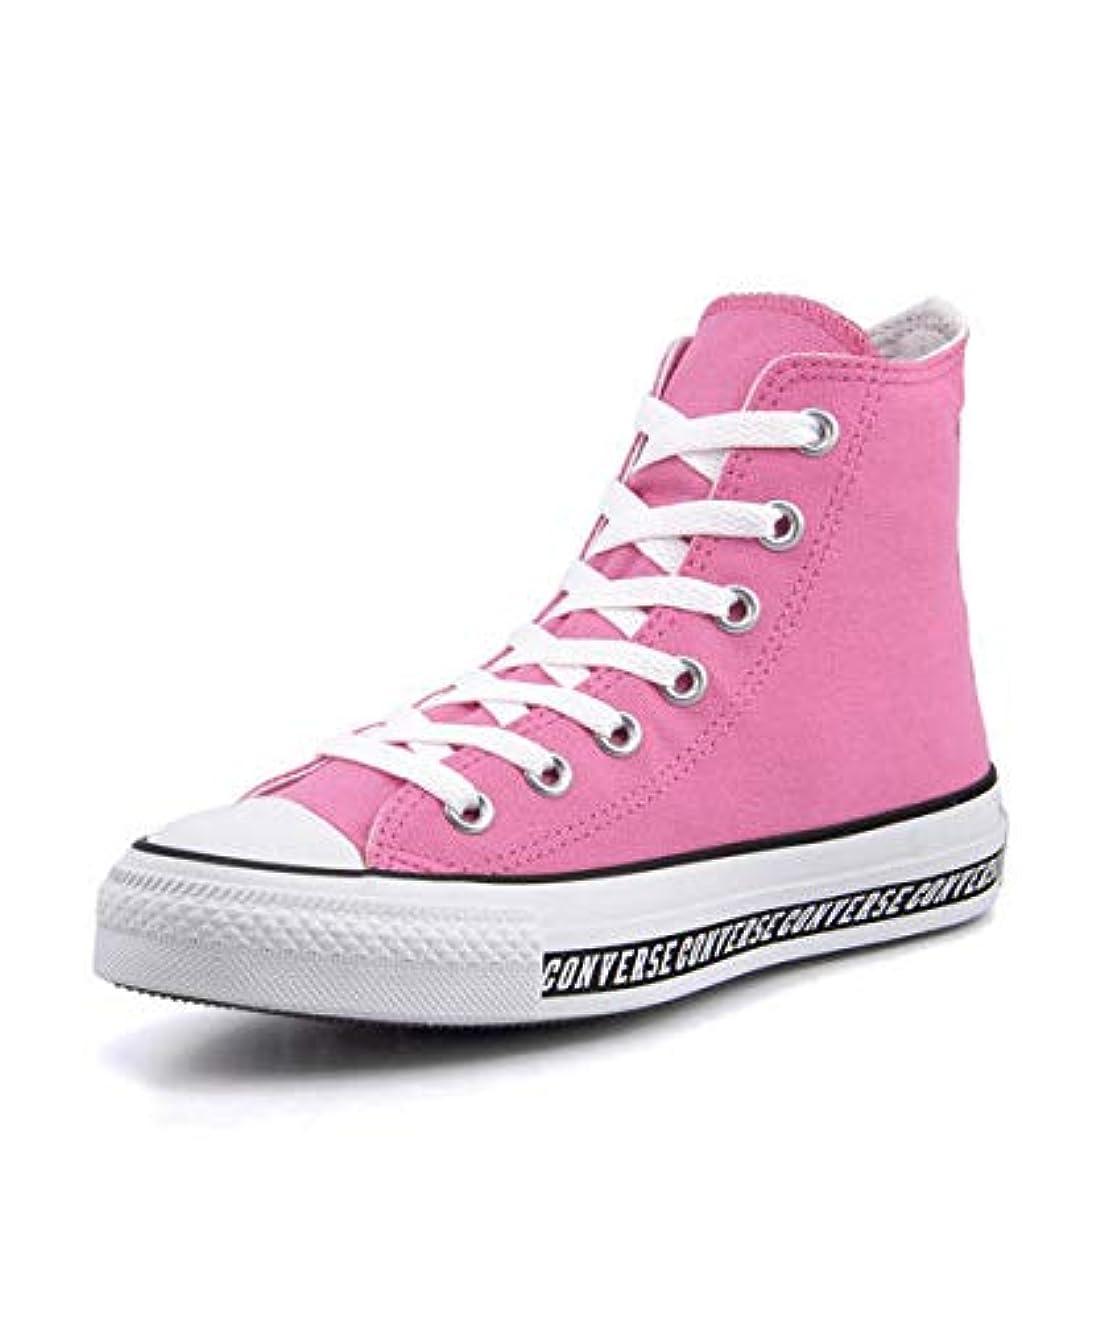 円形休憩する酸化物[コンバース] ALL STAR LOGOLINE HI(オールスターロゴラインHI) 1SC075 ピンク